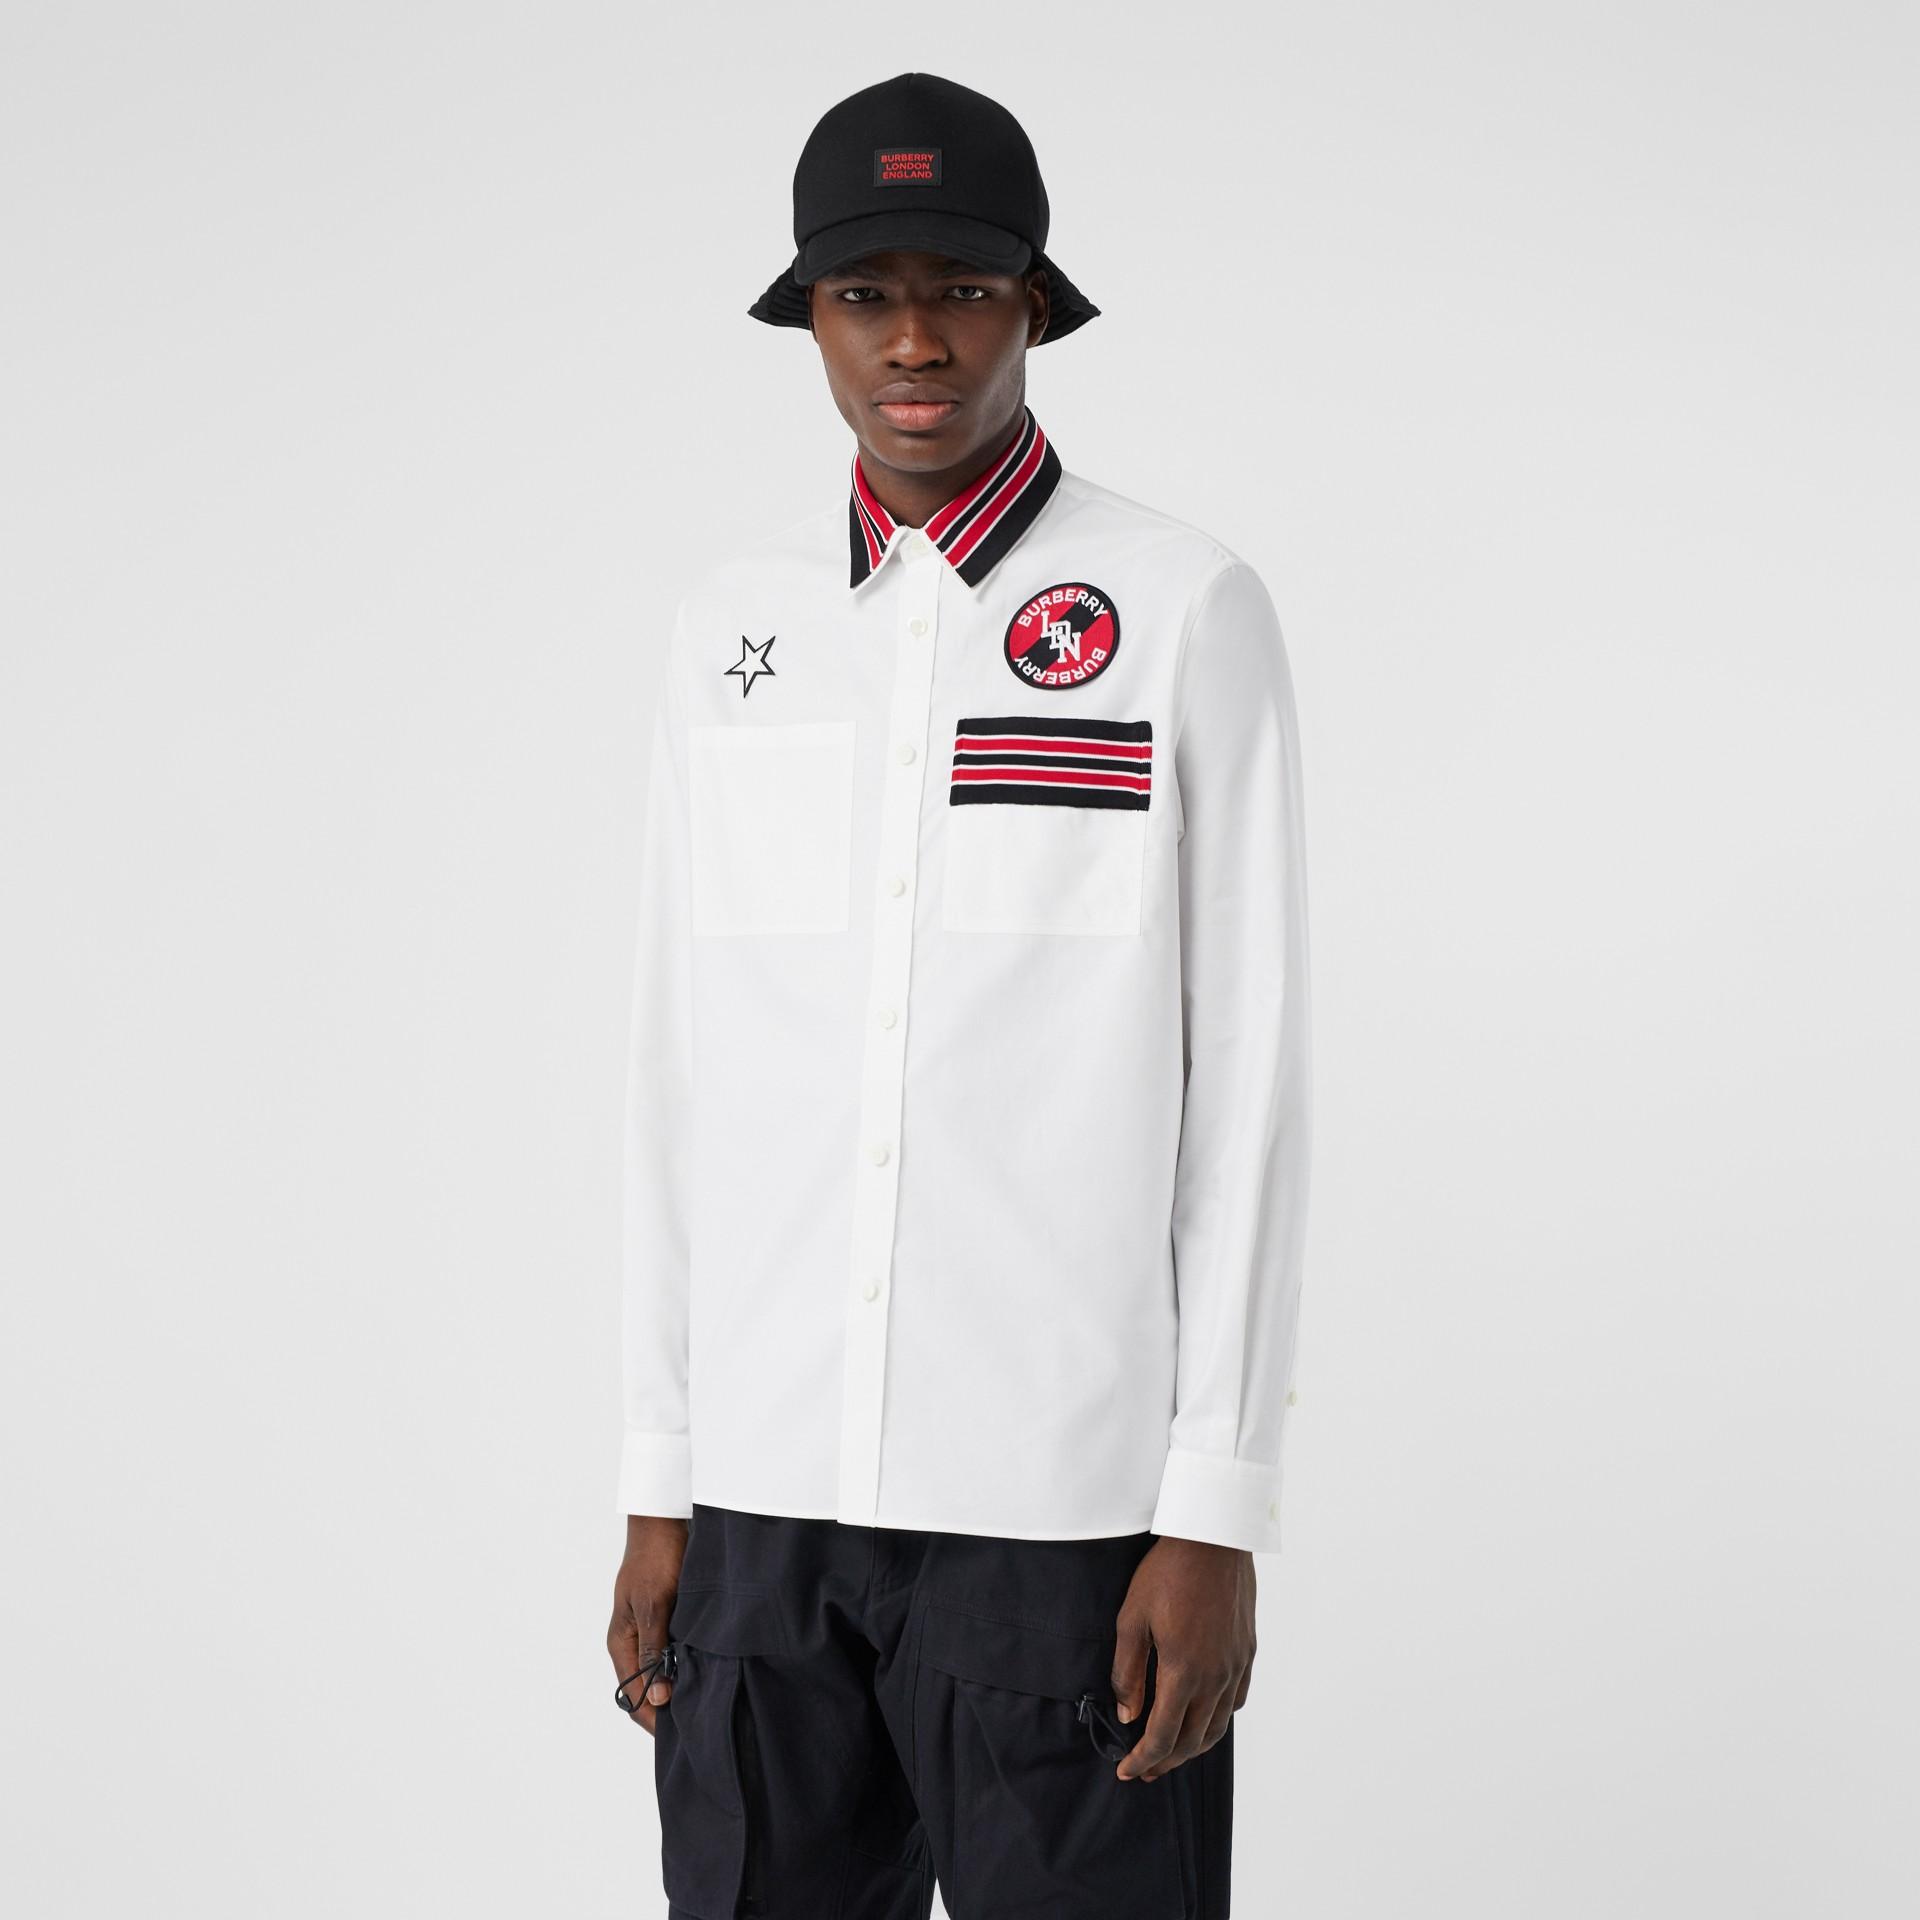 Camicia Oxford oversize in cotone con logo (Bianco) - Uomo | Burberry - immagine della galleria 5